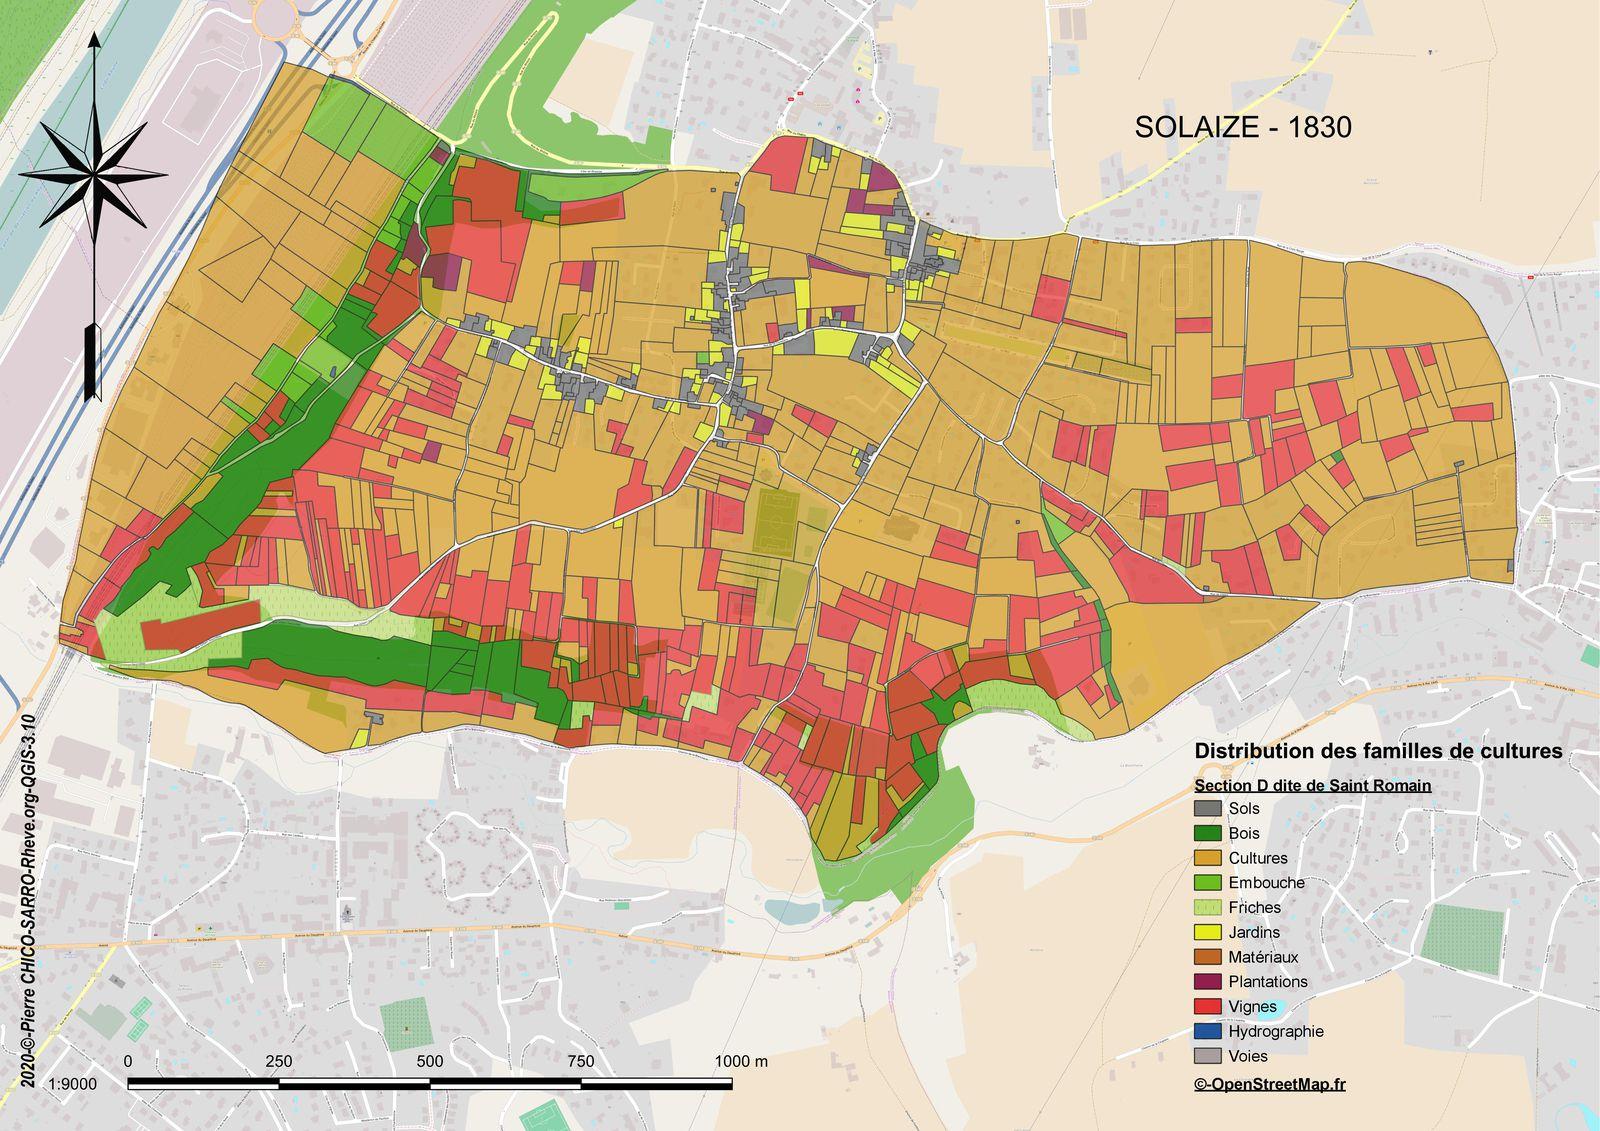 Distribution des familles de cultures dans la section D dite de Saint-Romain à Solaize en 1830